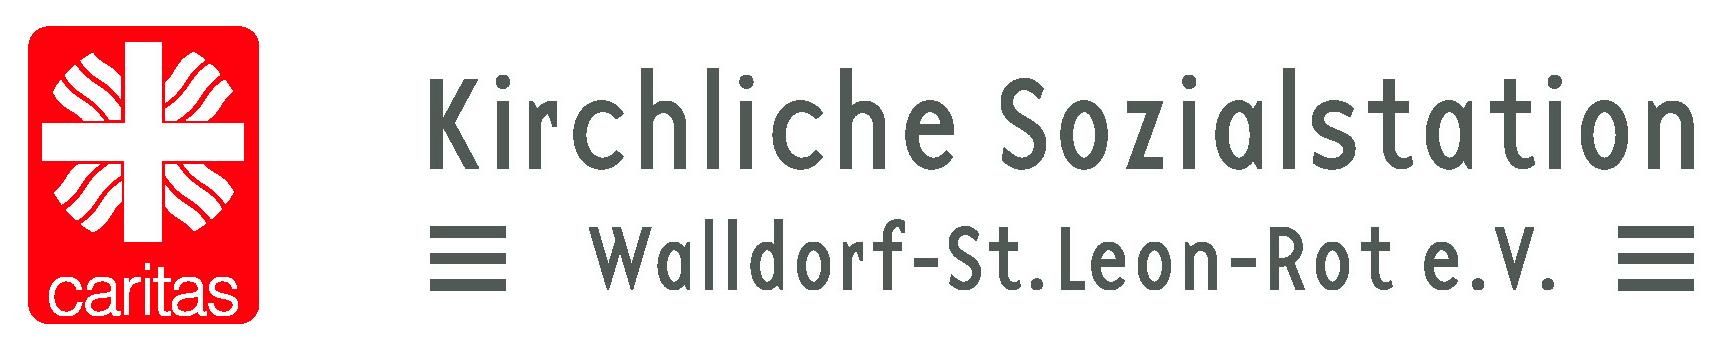 Kirchliche Sozialstation Walldorf-St. Leon-Rot e.V.